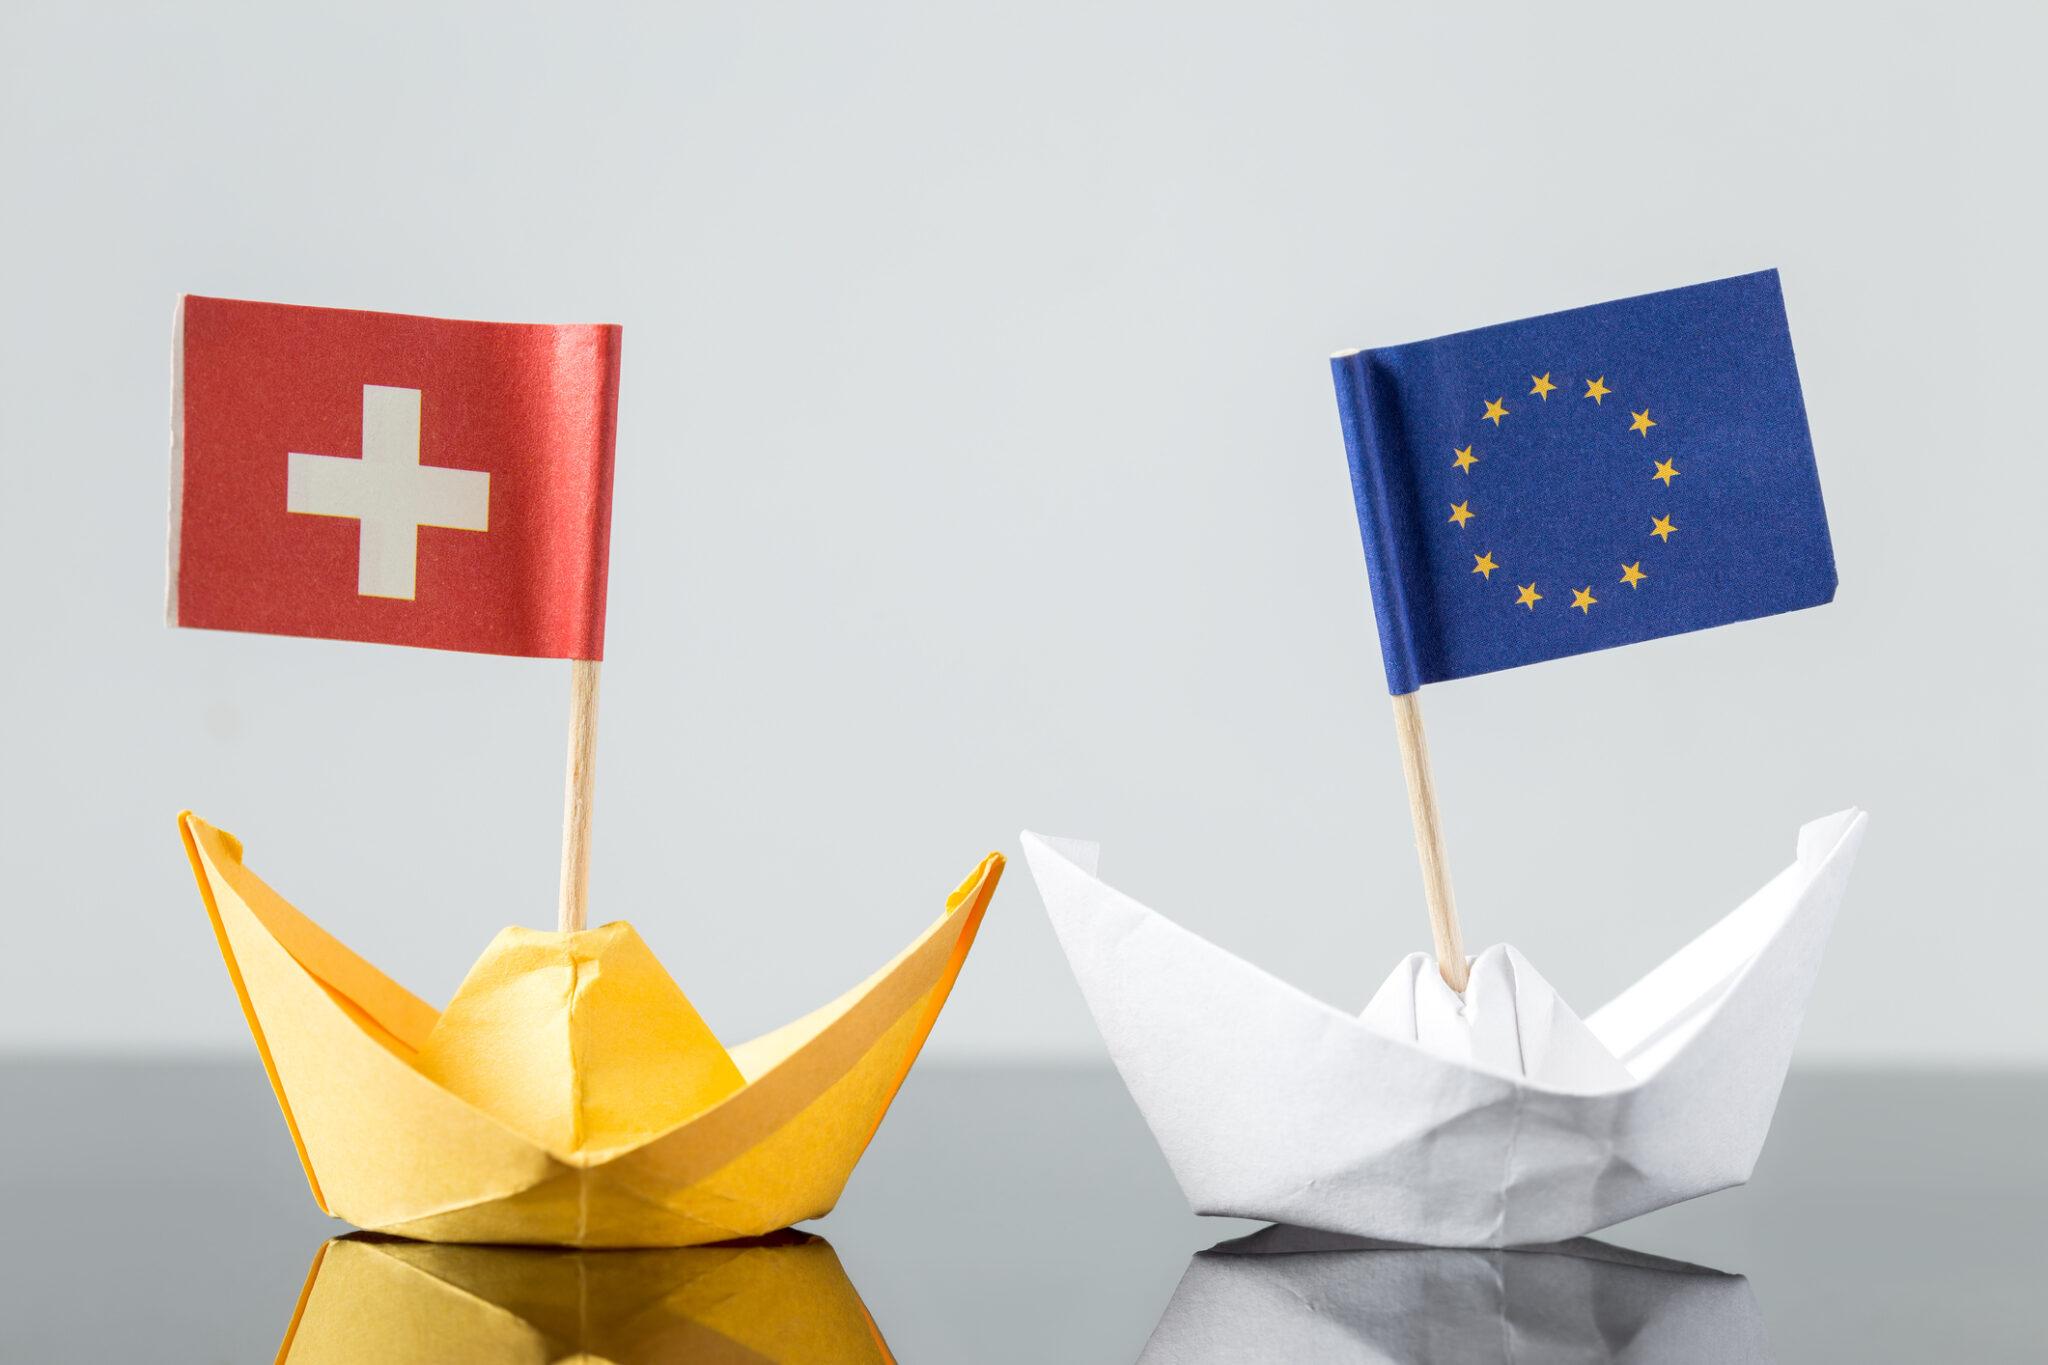 papierschiff mit schweizer und europäischer flagge